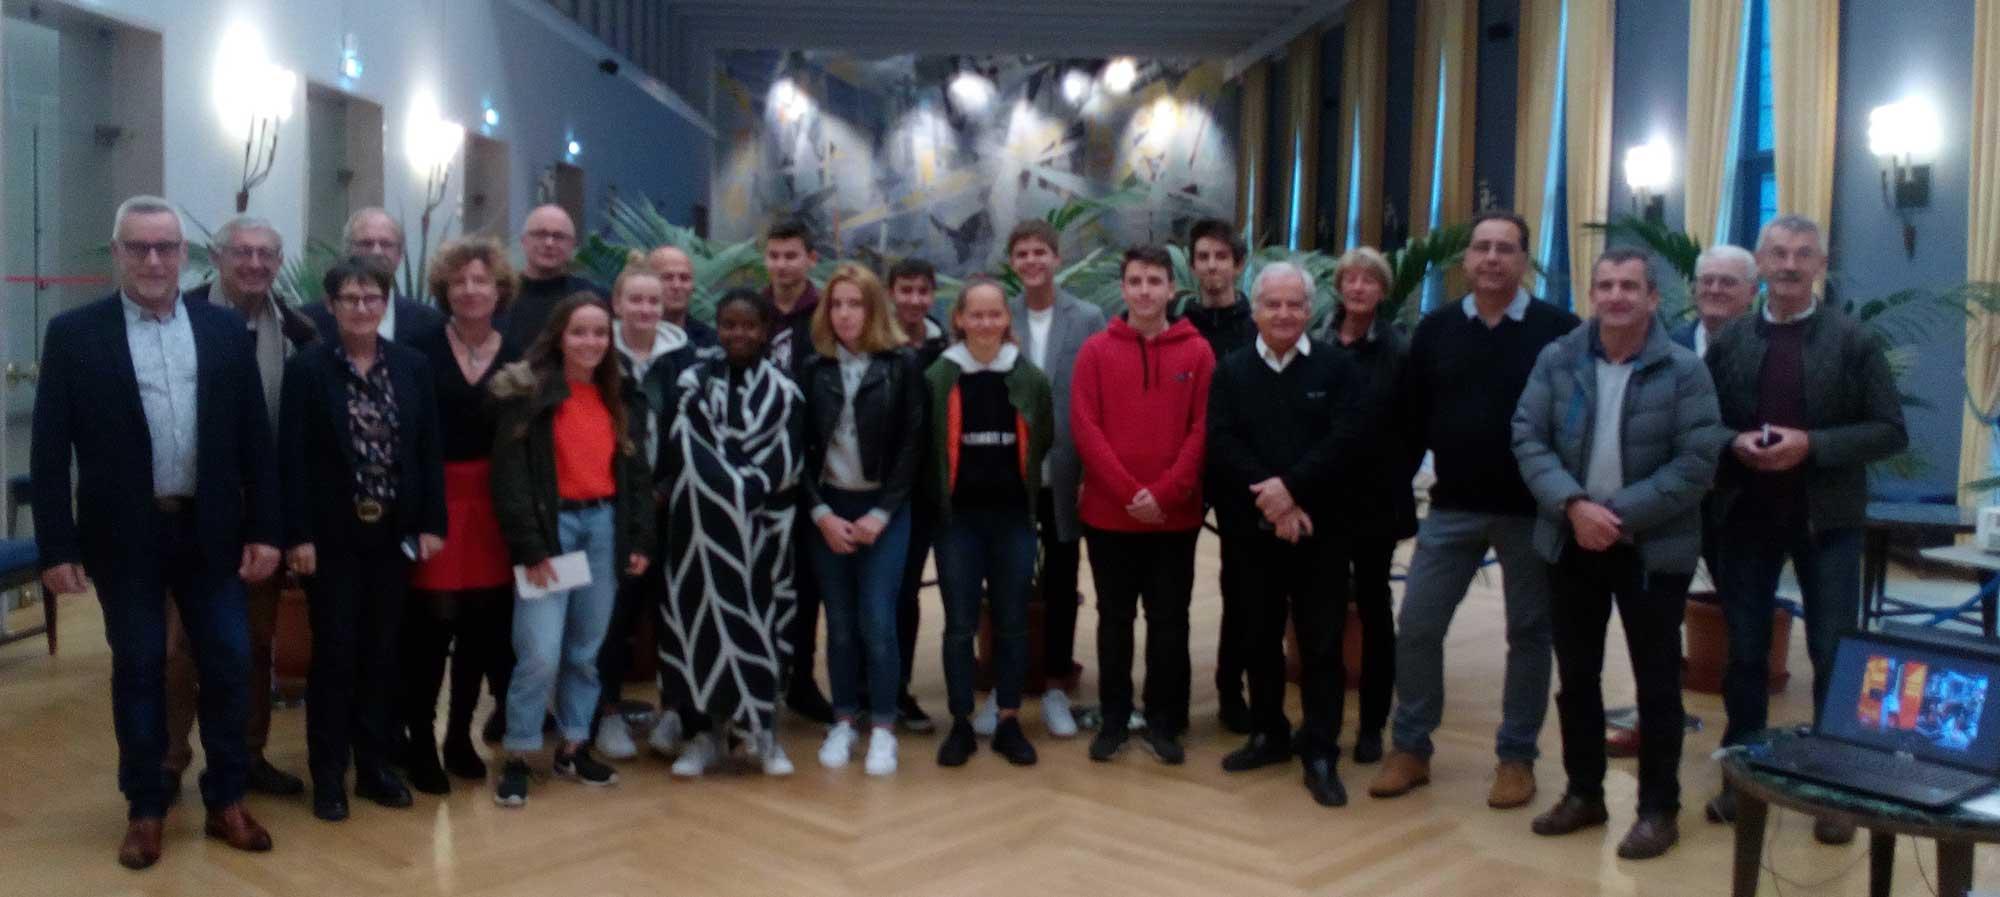 Organisateurs de l'échange et collégiens participants